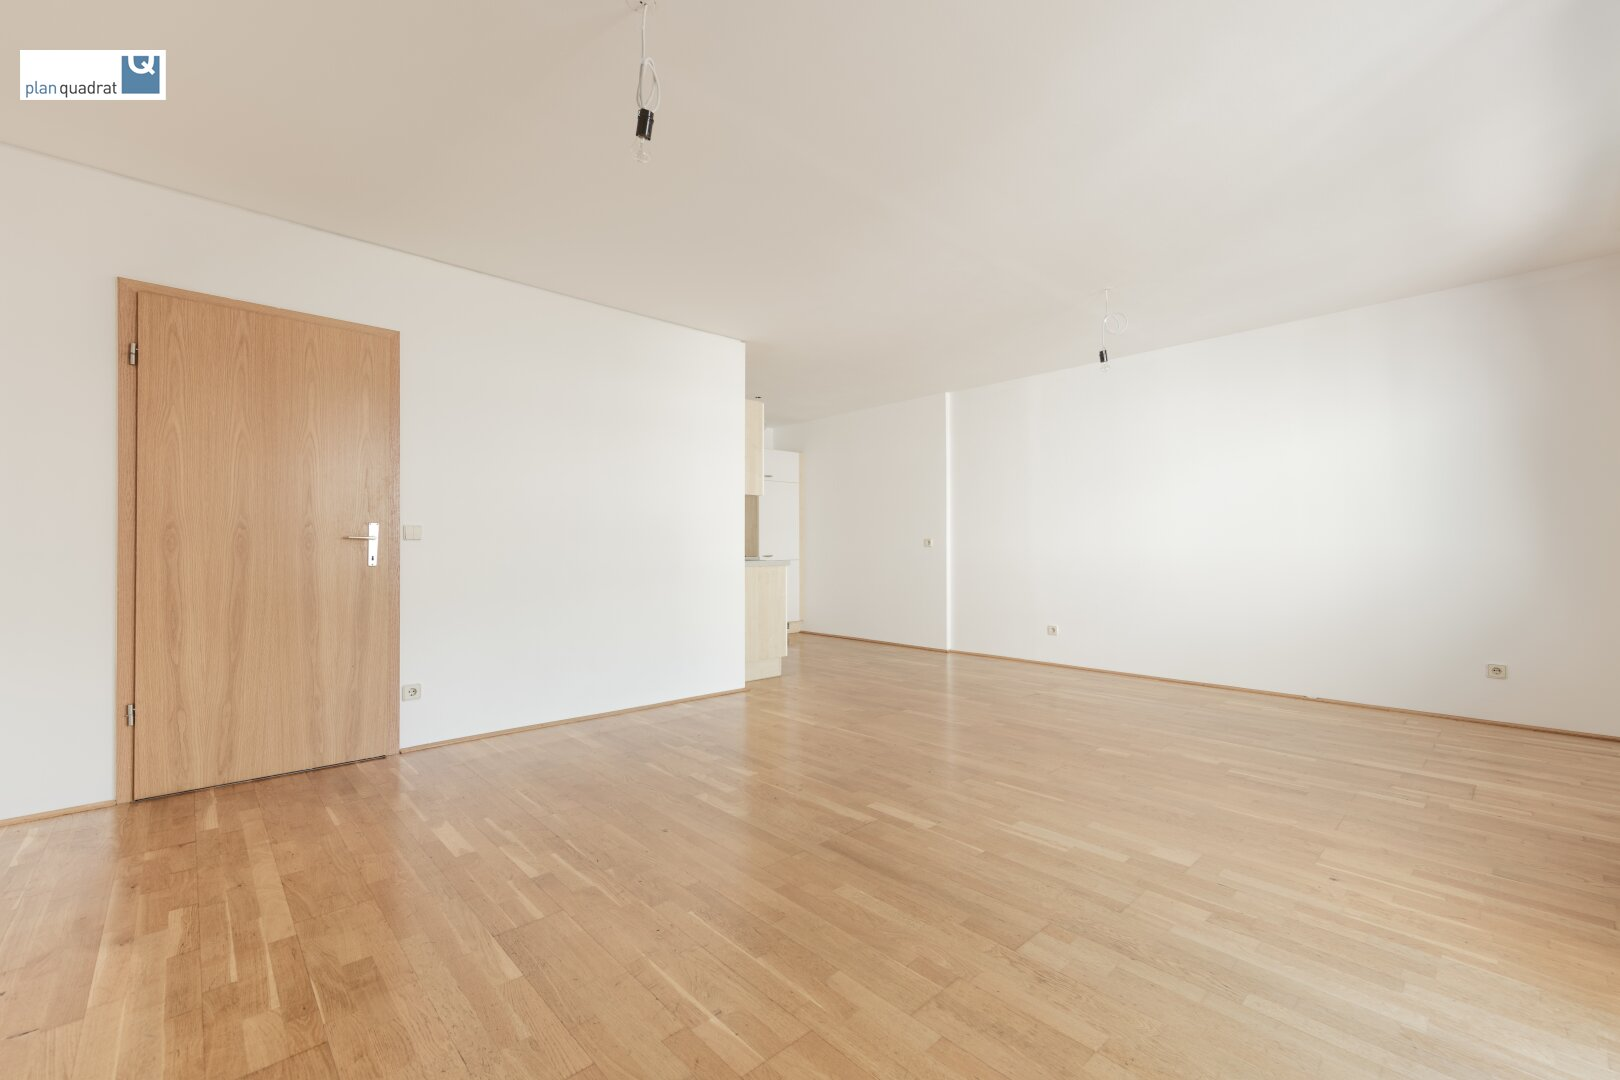 Wohn- / Schlafzimmer (ca. 26,70 m²)